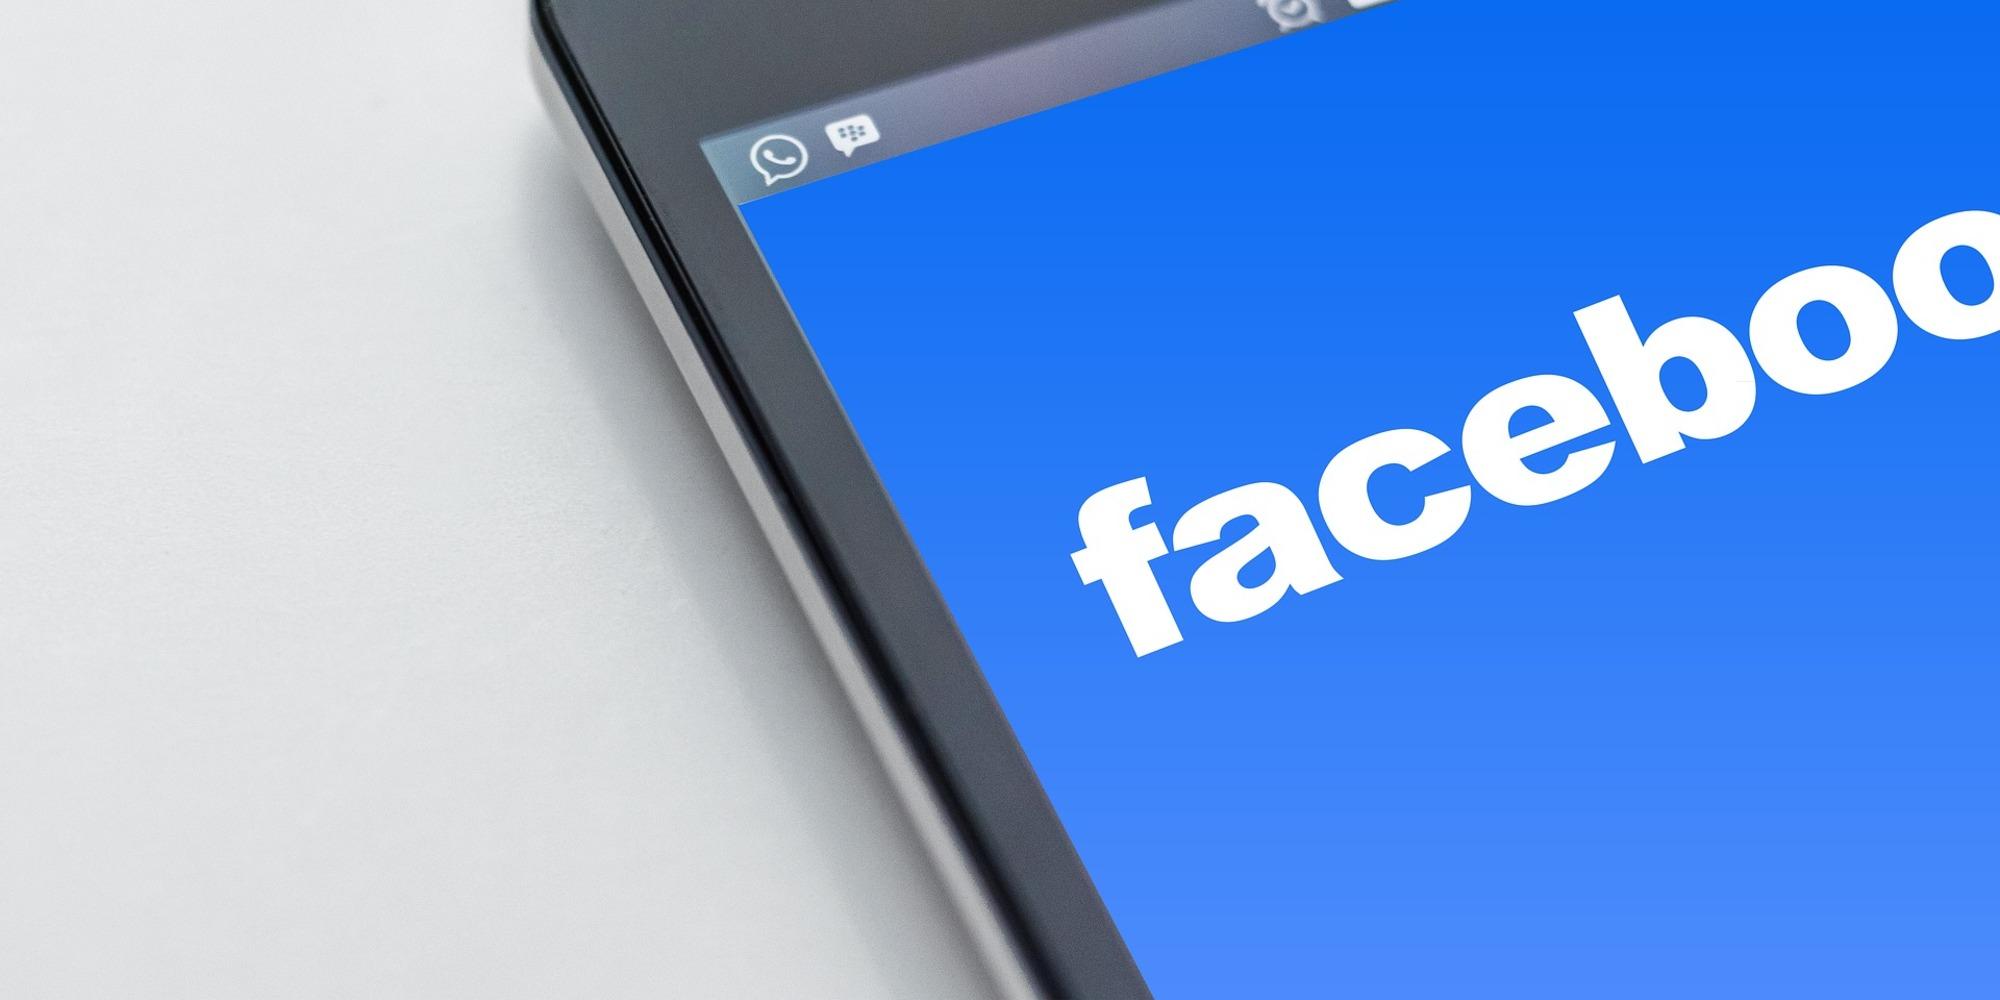 Facebook suspende cuentas que promueven la desinformación   Business Insider Mexico